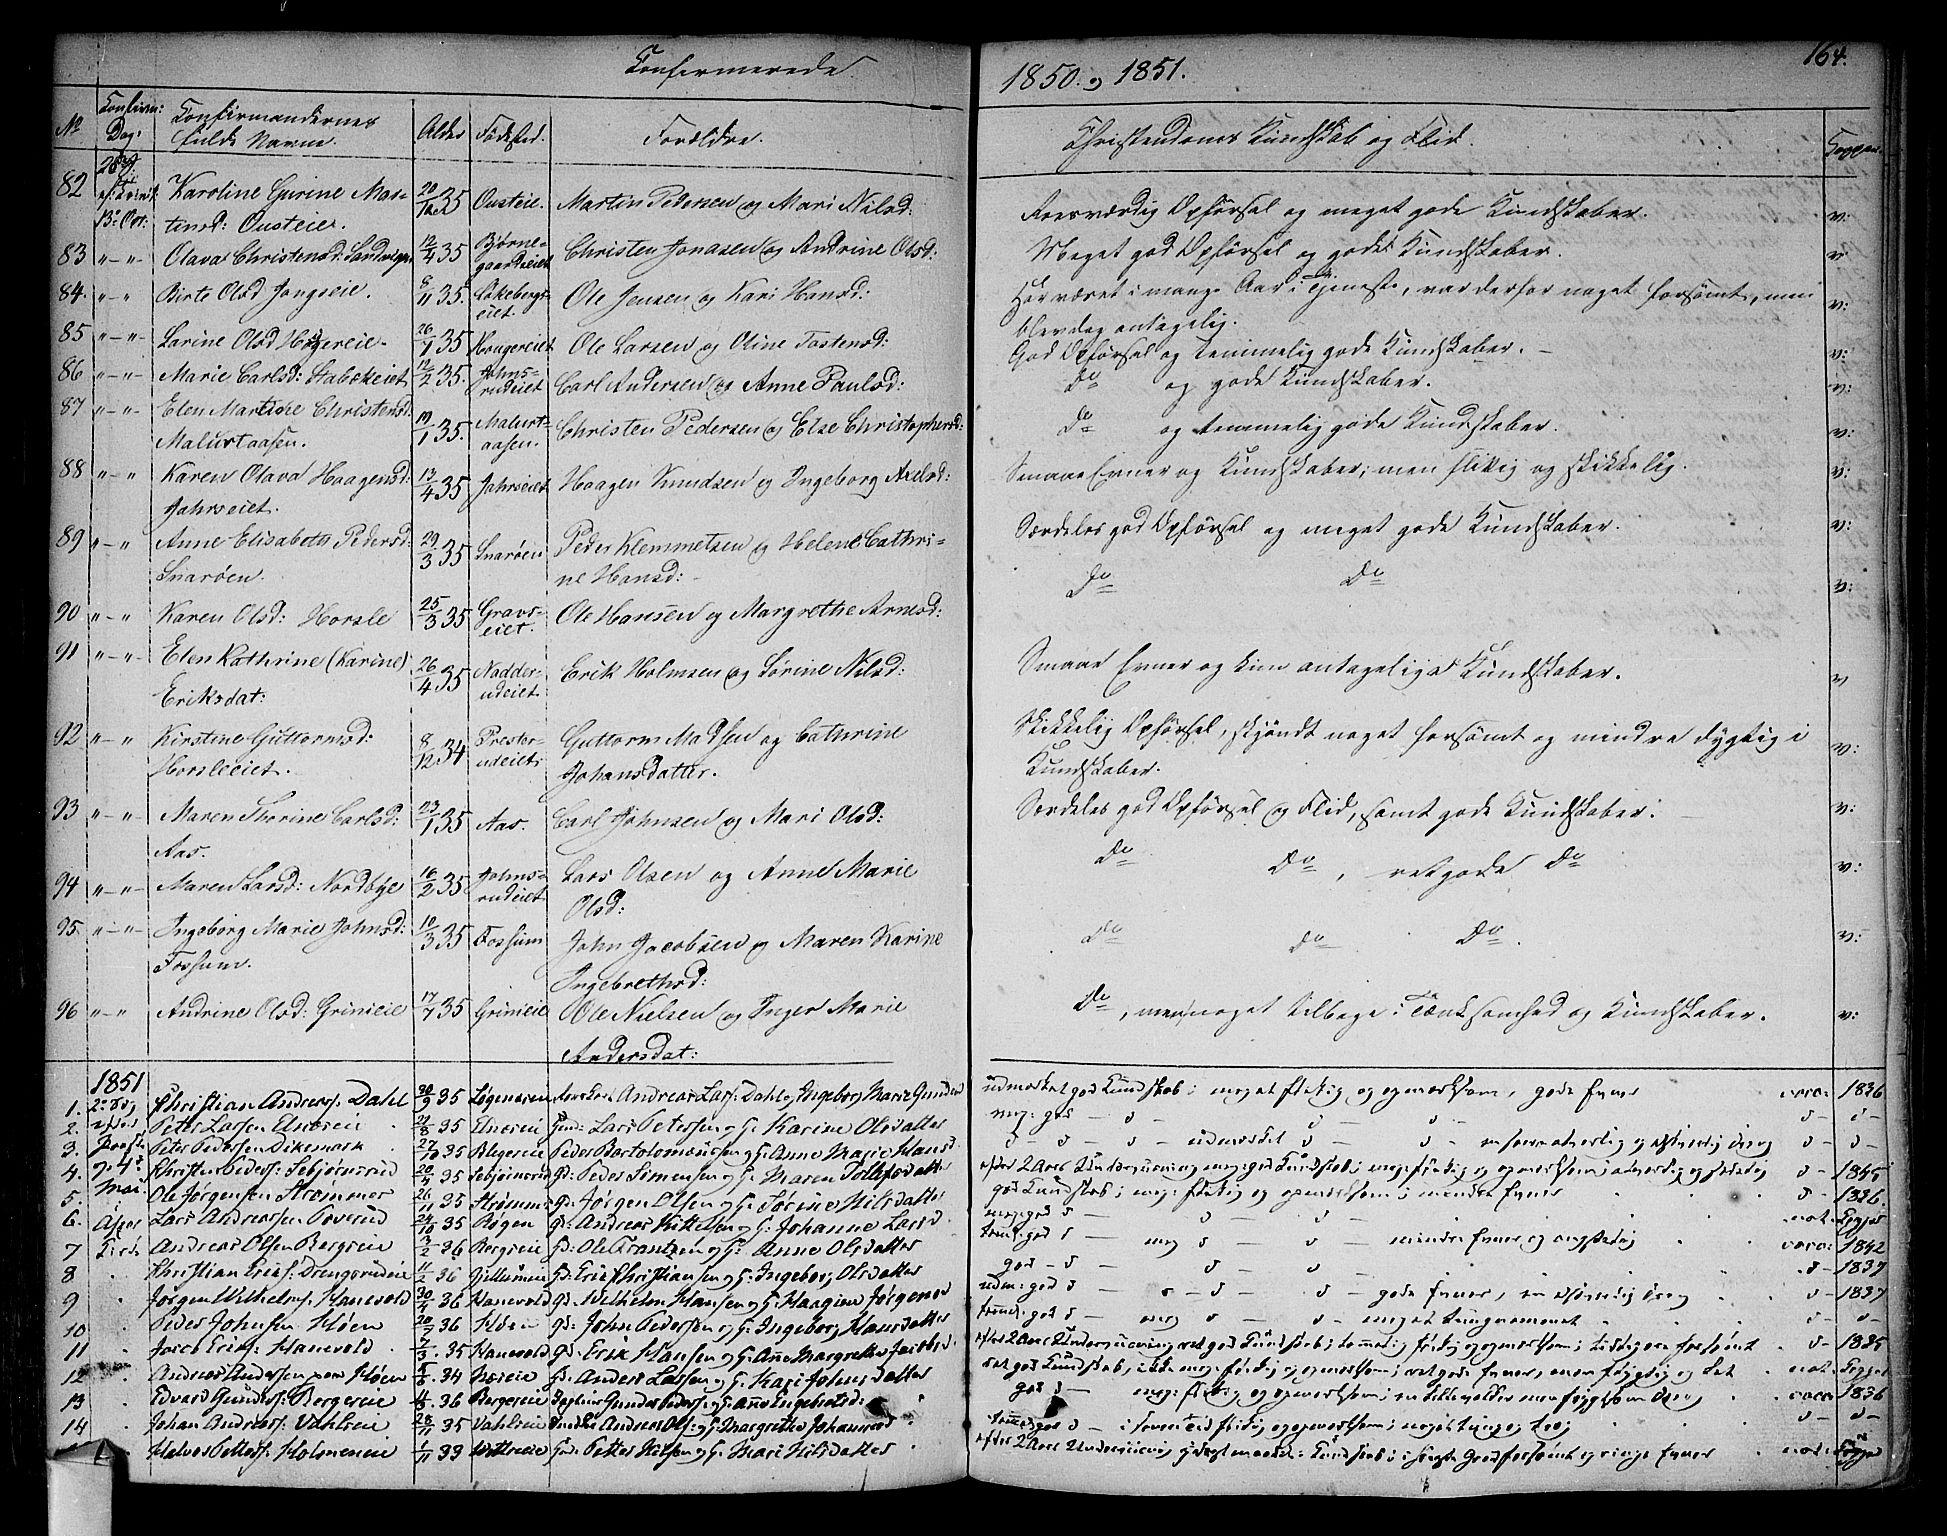 SAO, Asker prestekontor Kirkebøker, F/Fa/L0009: Ministerialbok nr. I 9, 1825-1878, s. 164